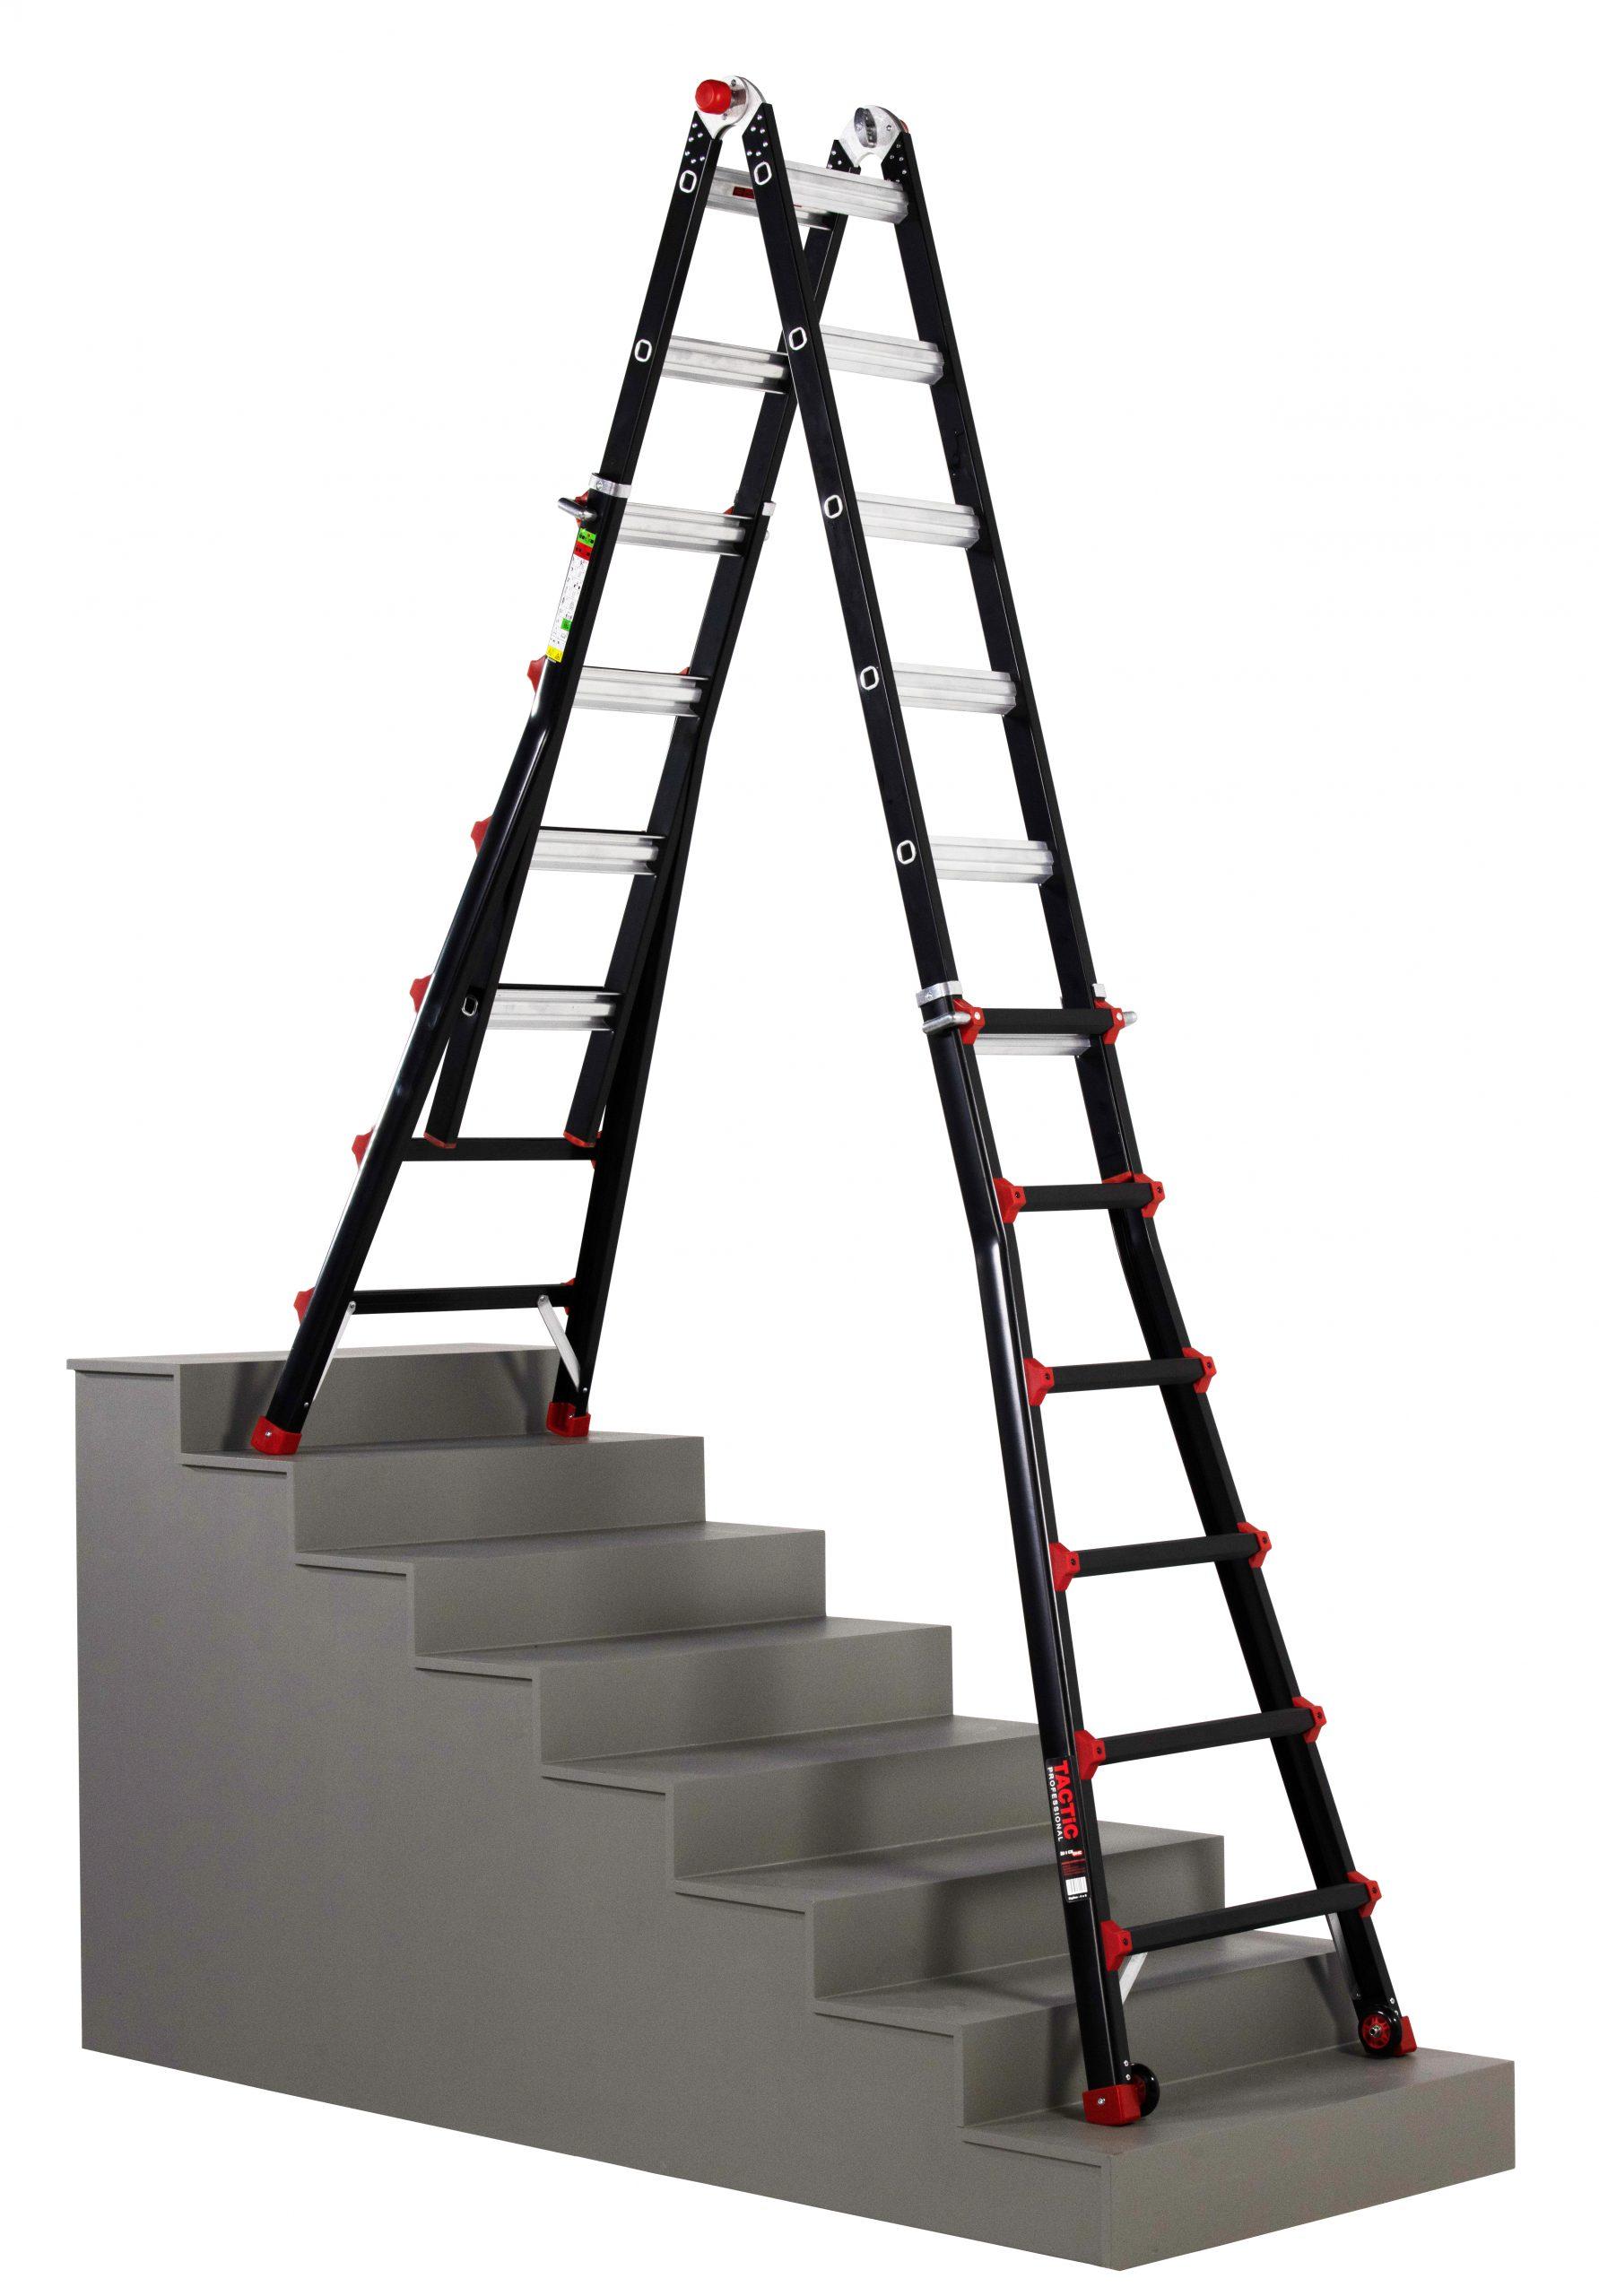 4x6 uitgeschoven op trap